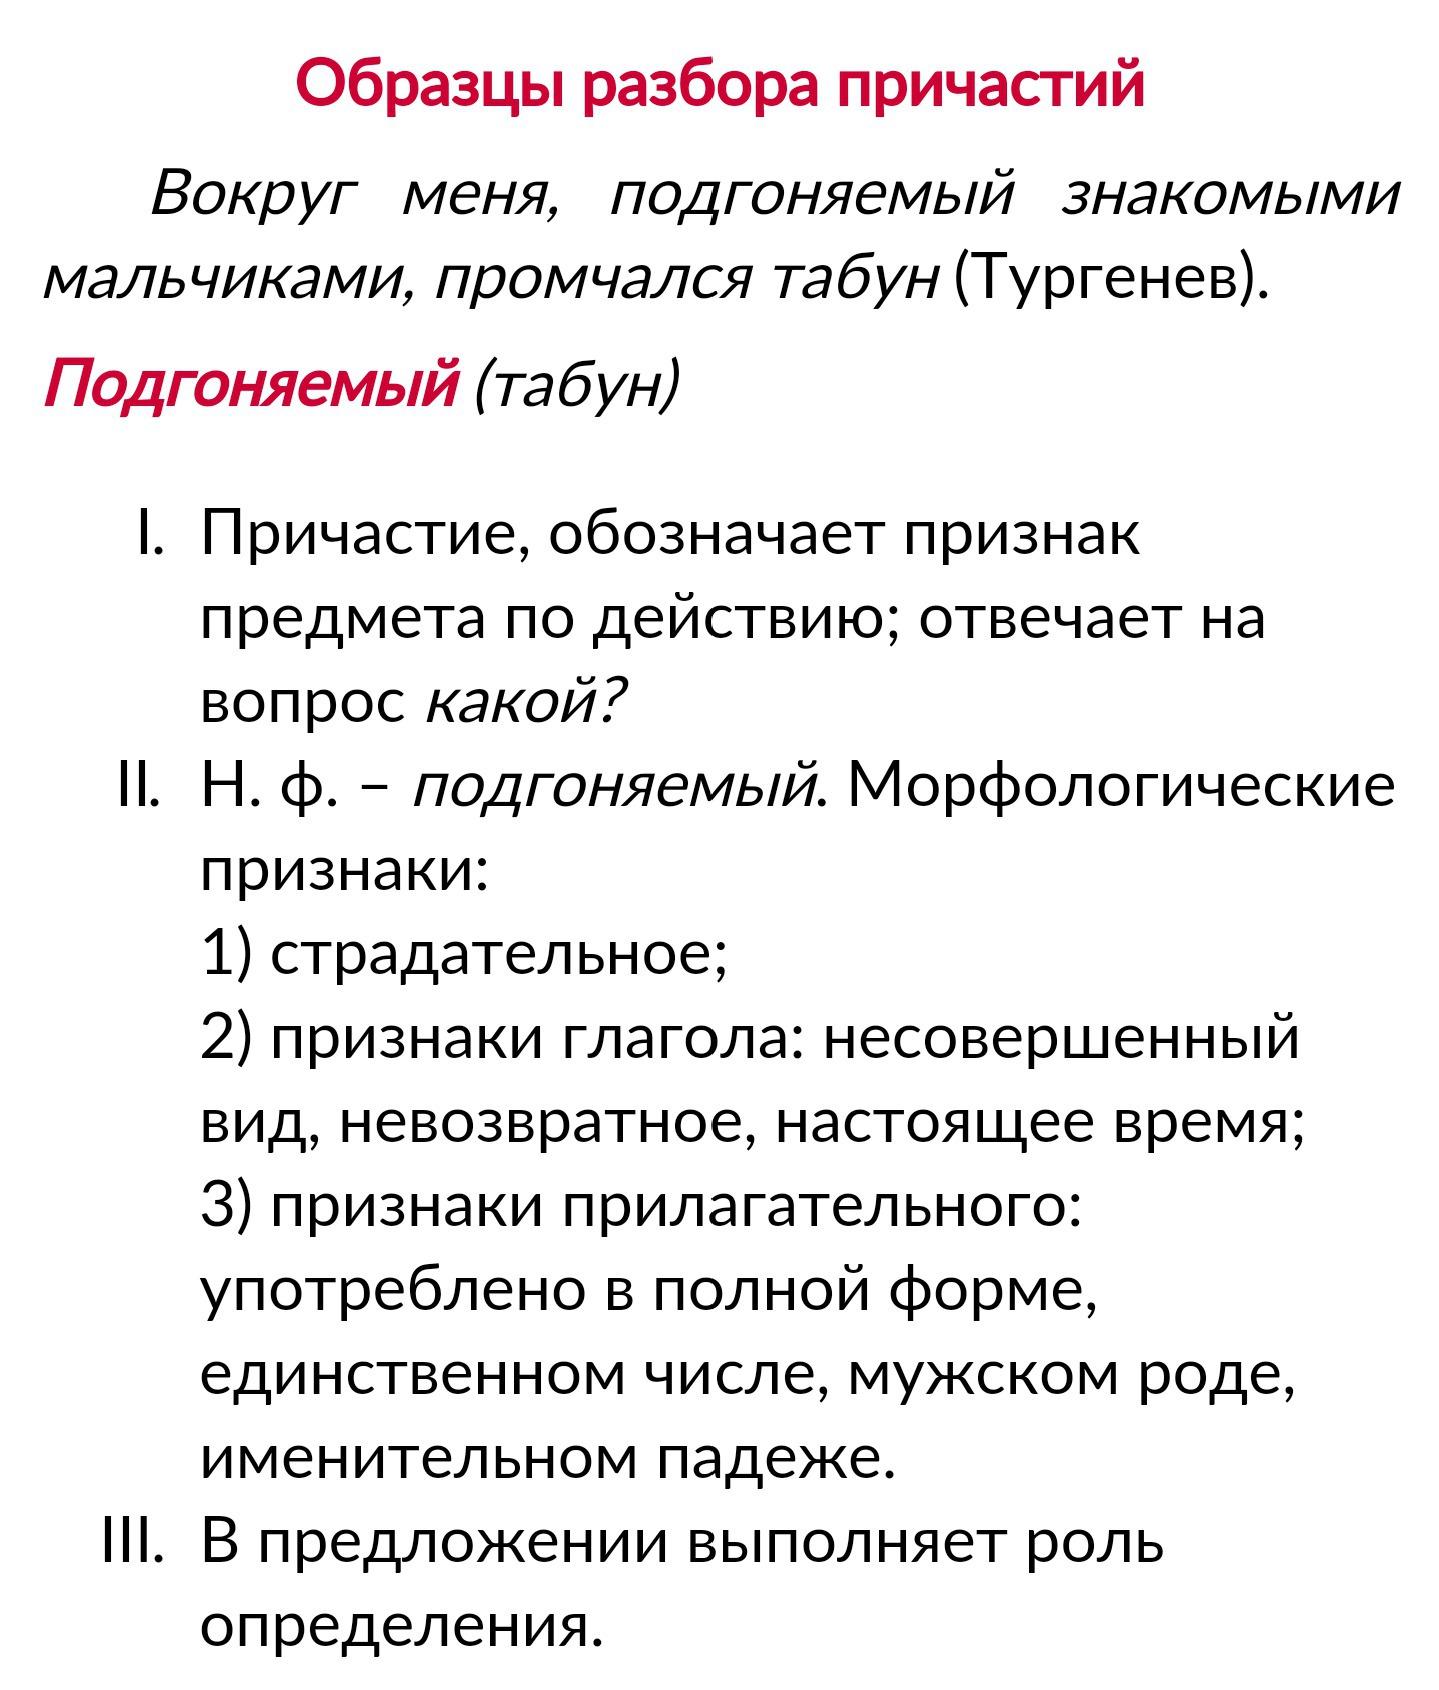 банки новокузнецка кредитные карты